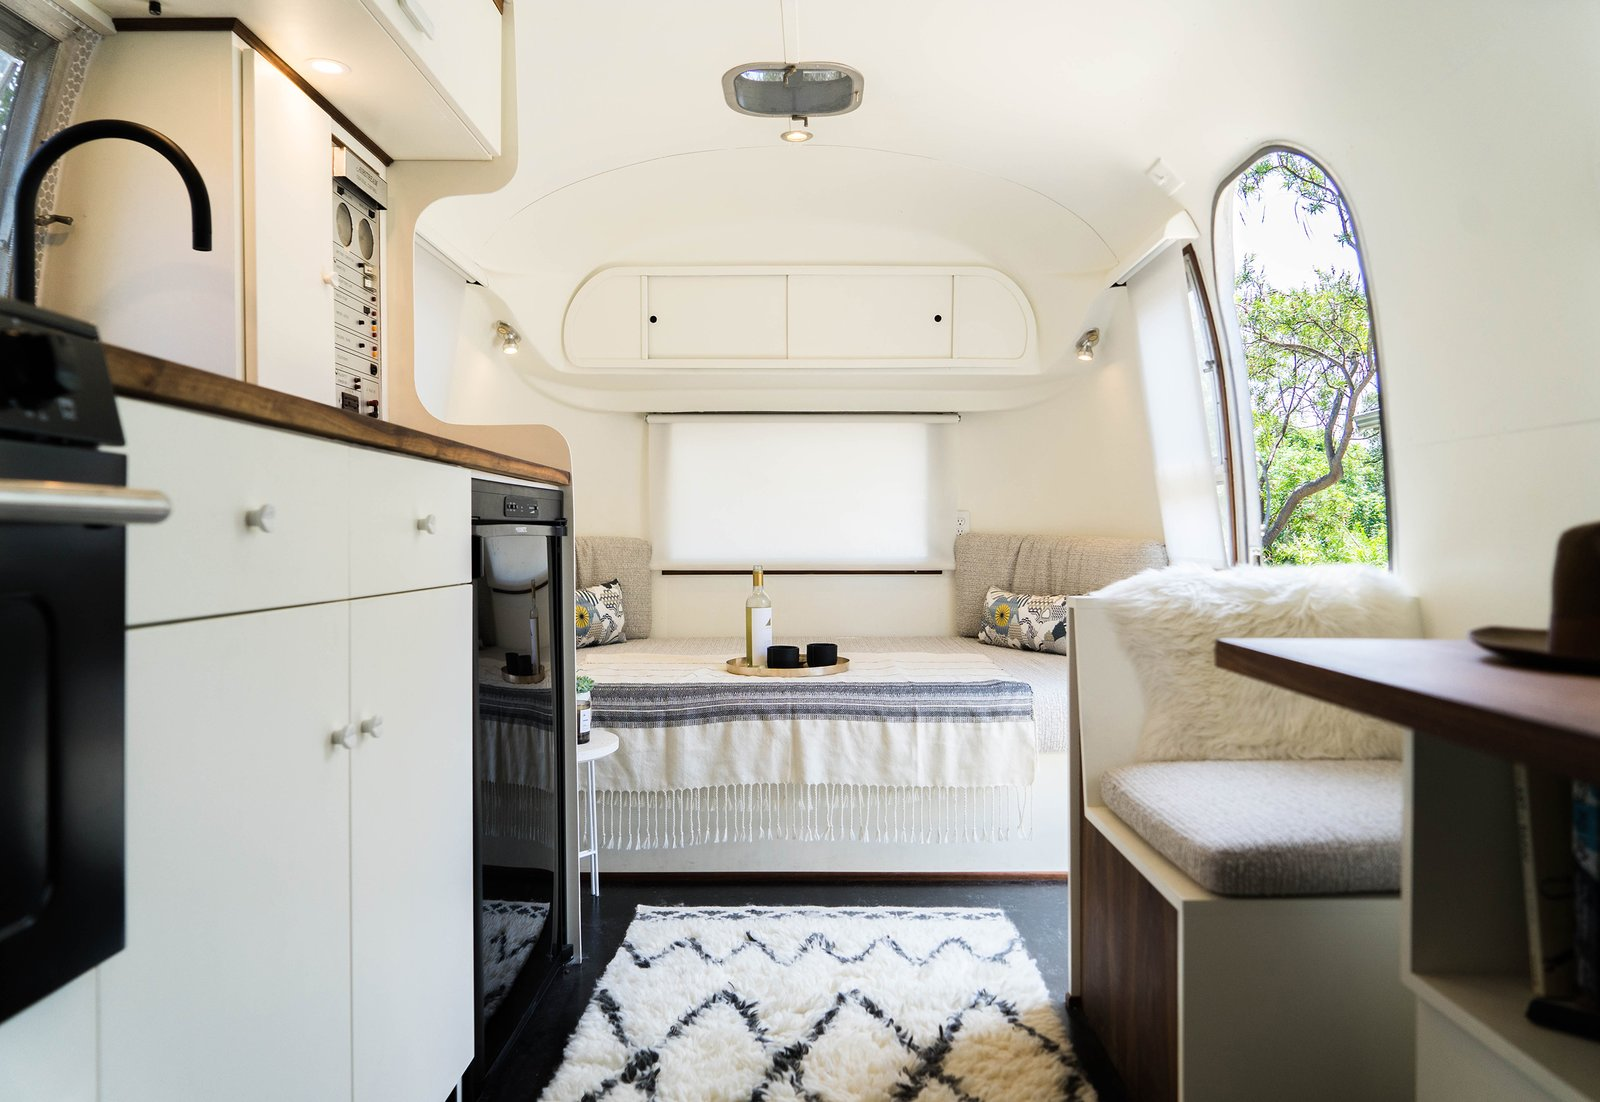 Airstream Haus living area